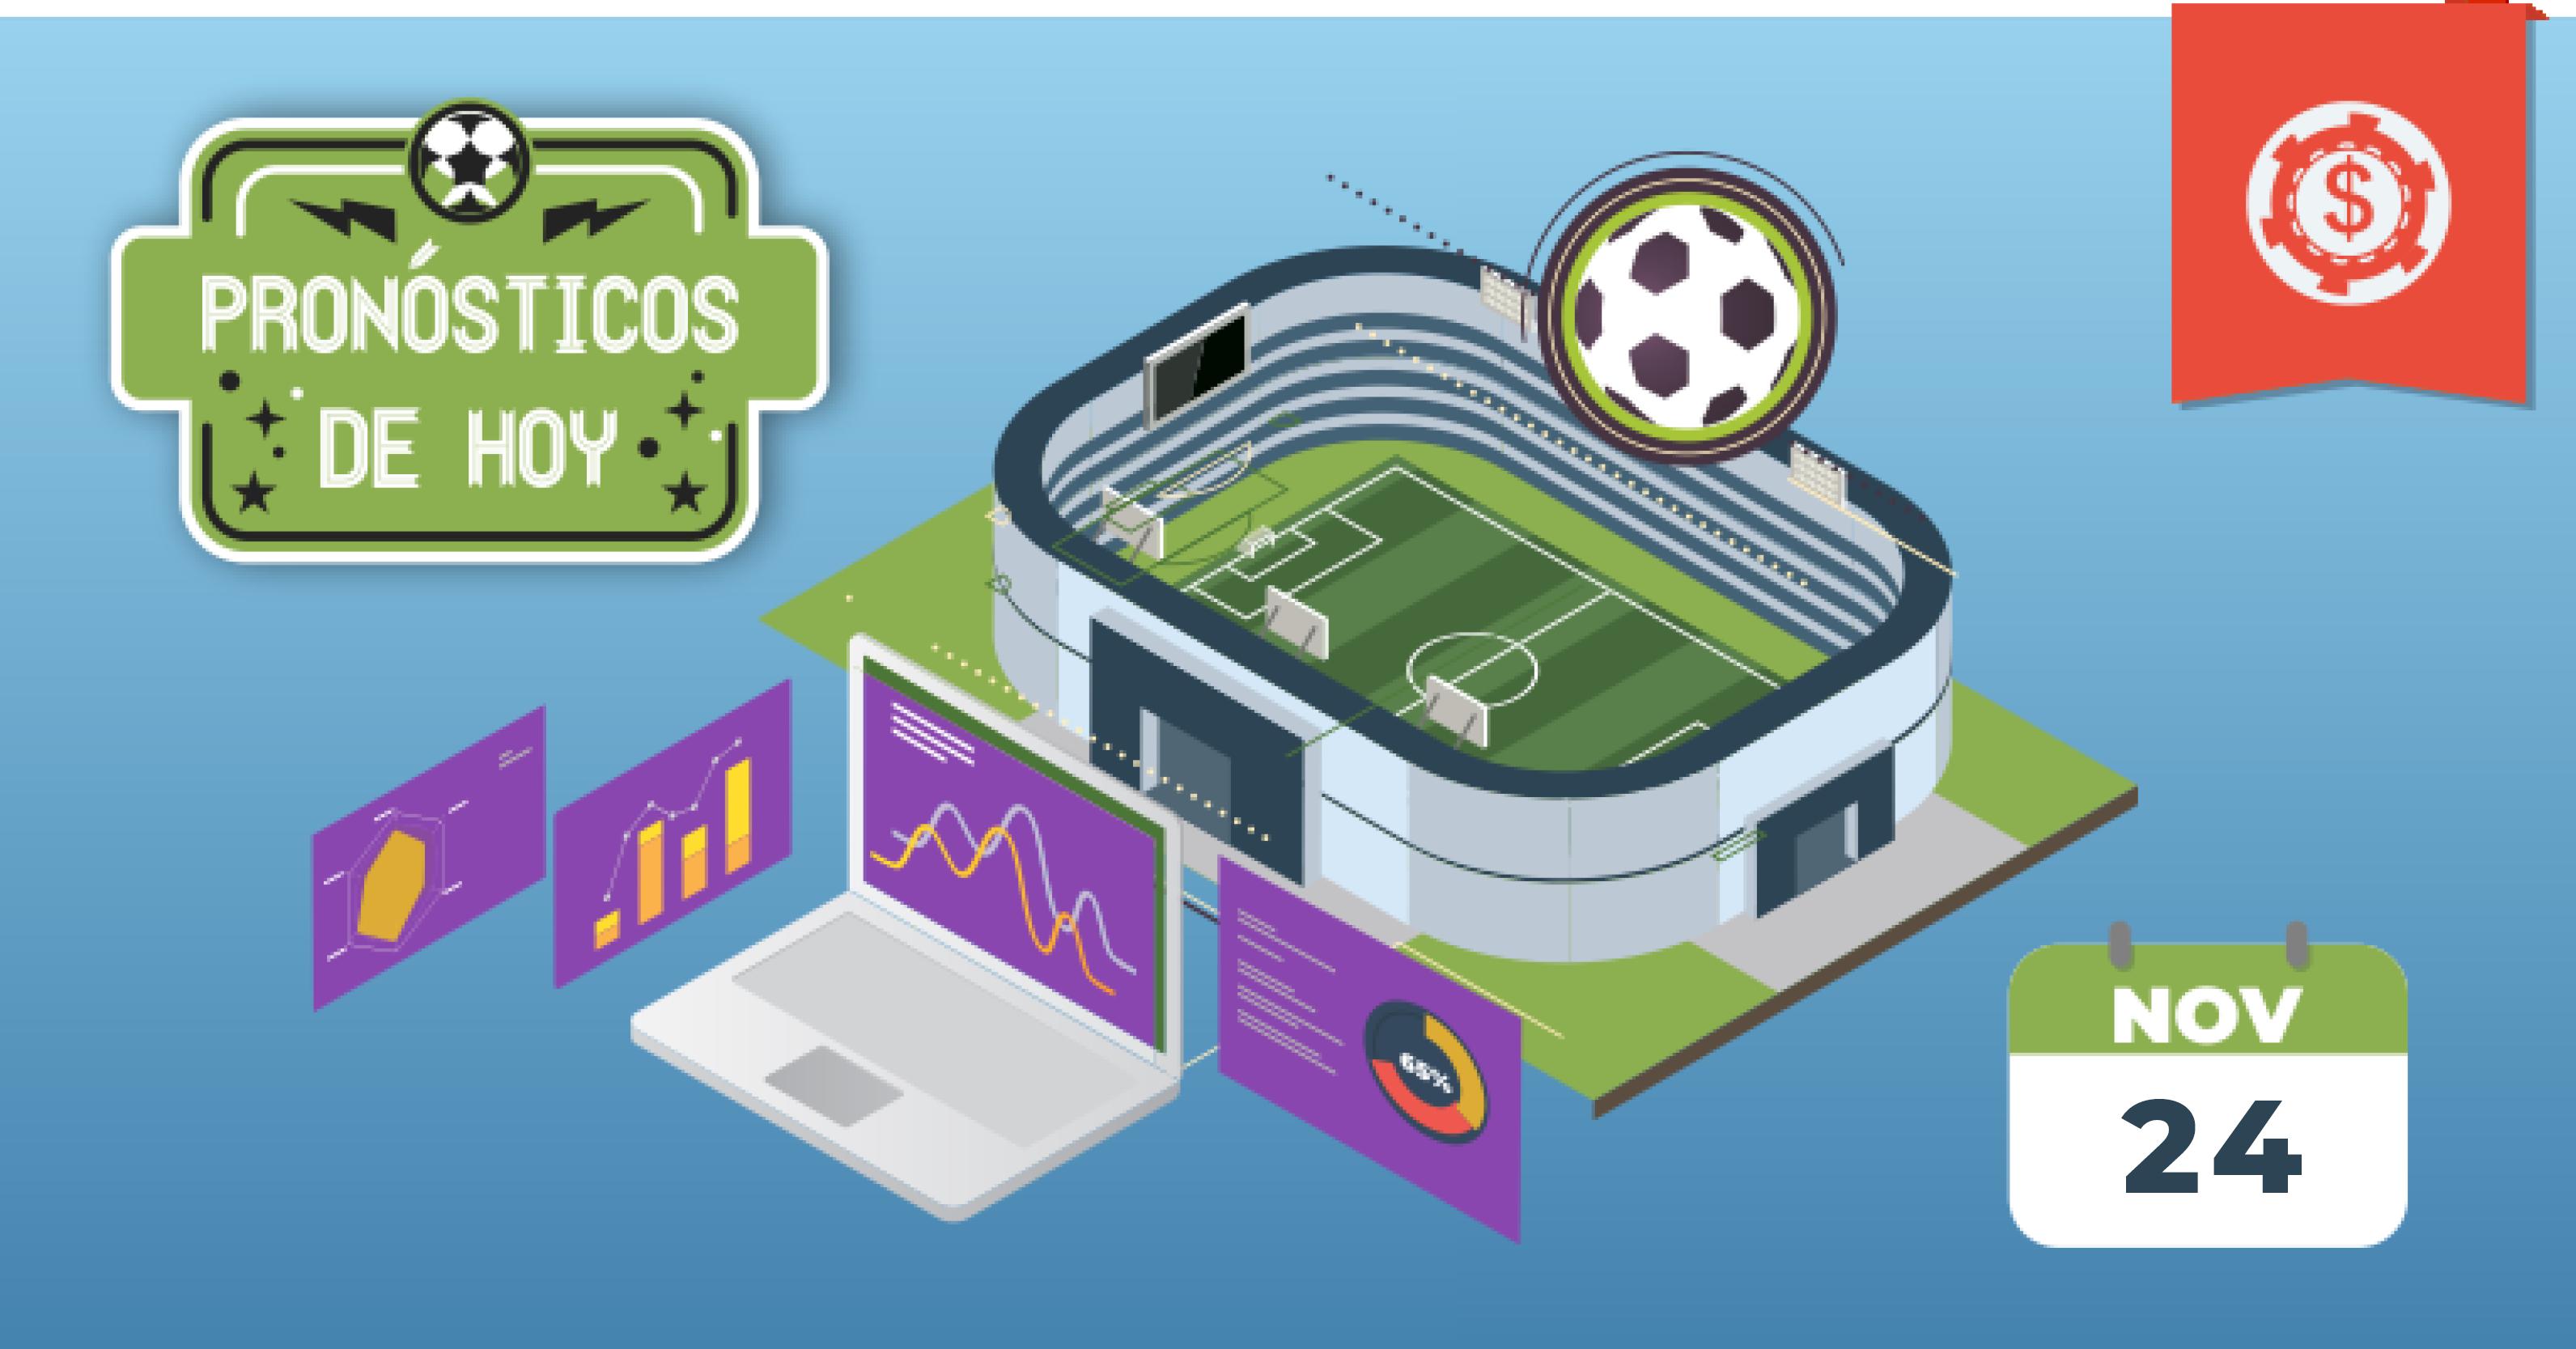 pronosticos-futbol-hoy-predicciones-24-noviembre-2019-1